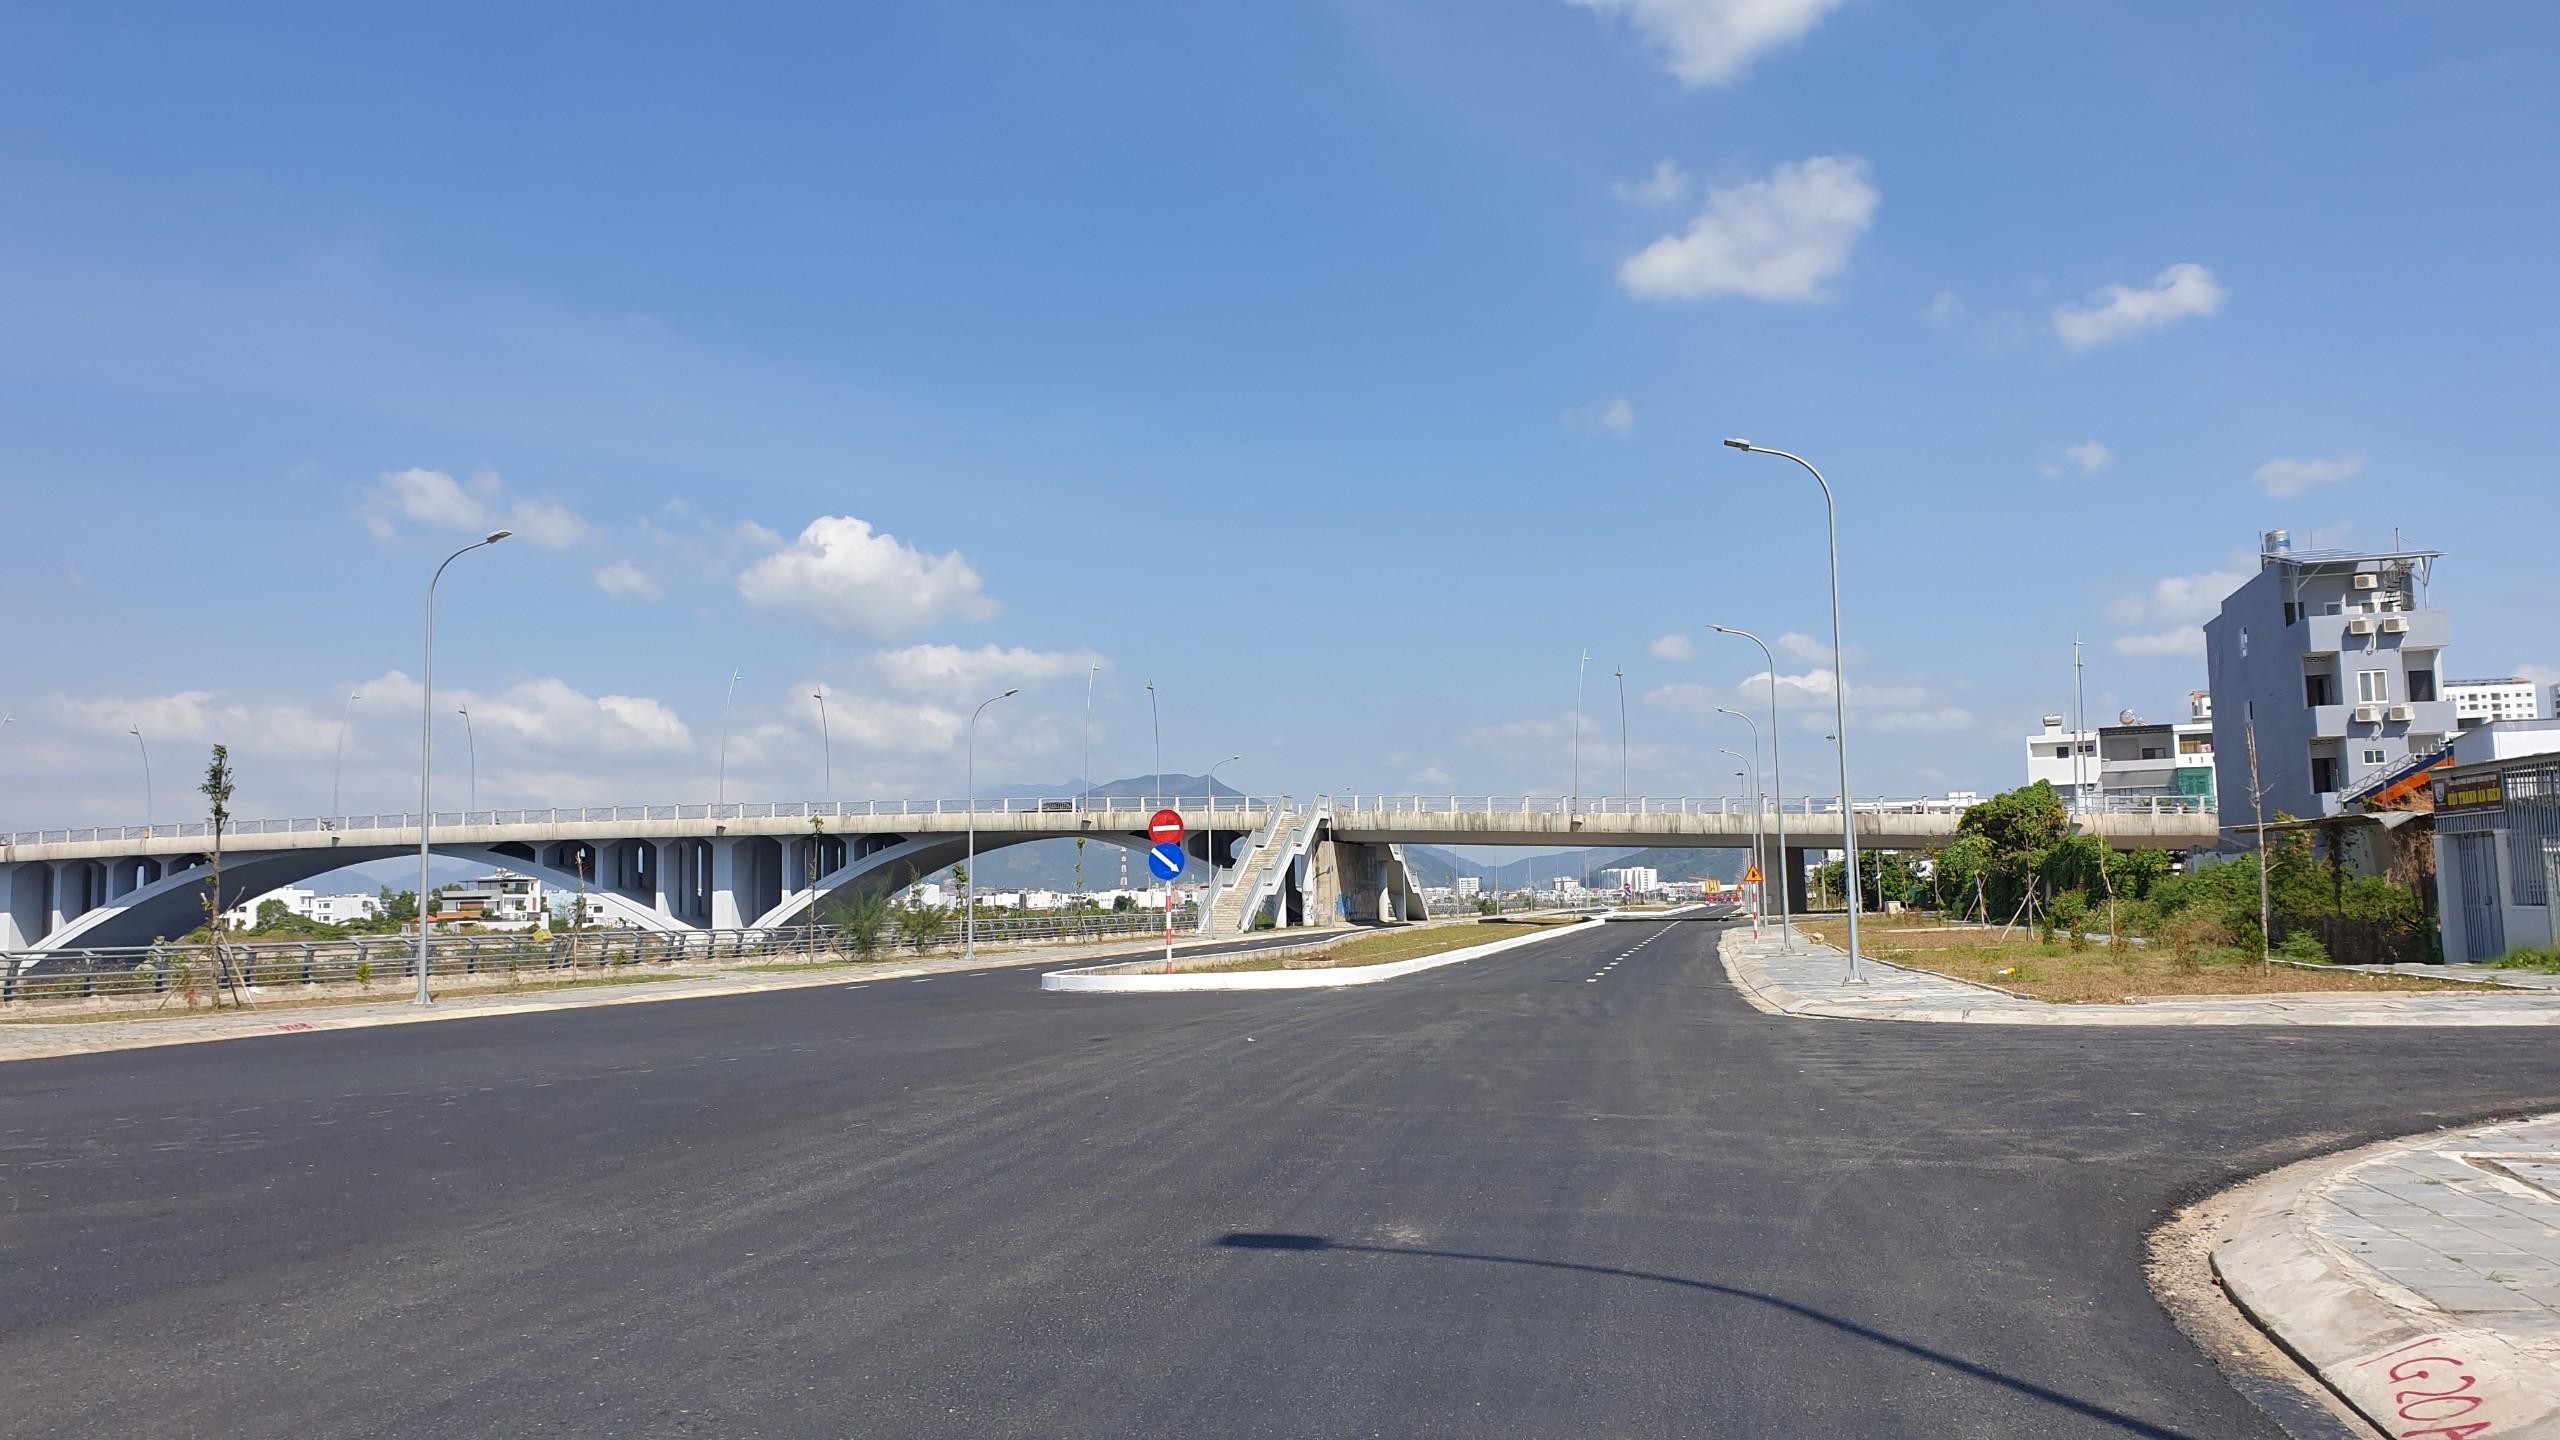 Khánh Hòa: Đẩy nhanh tiến độ thi công đường Đầm Môn và đưa vào khai thác đường Vành đai 2 - Ảnh 2.